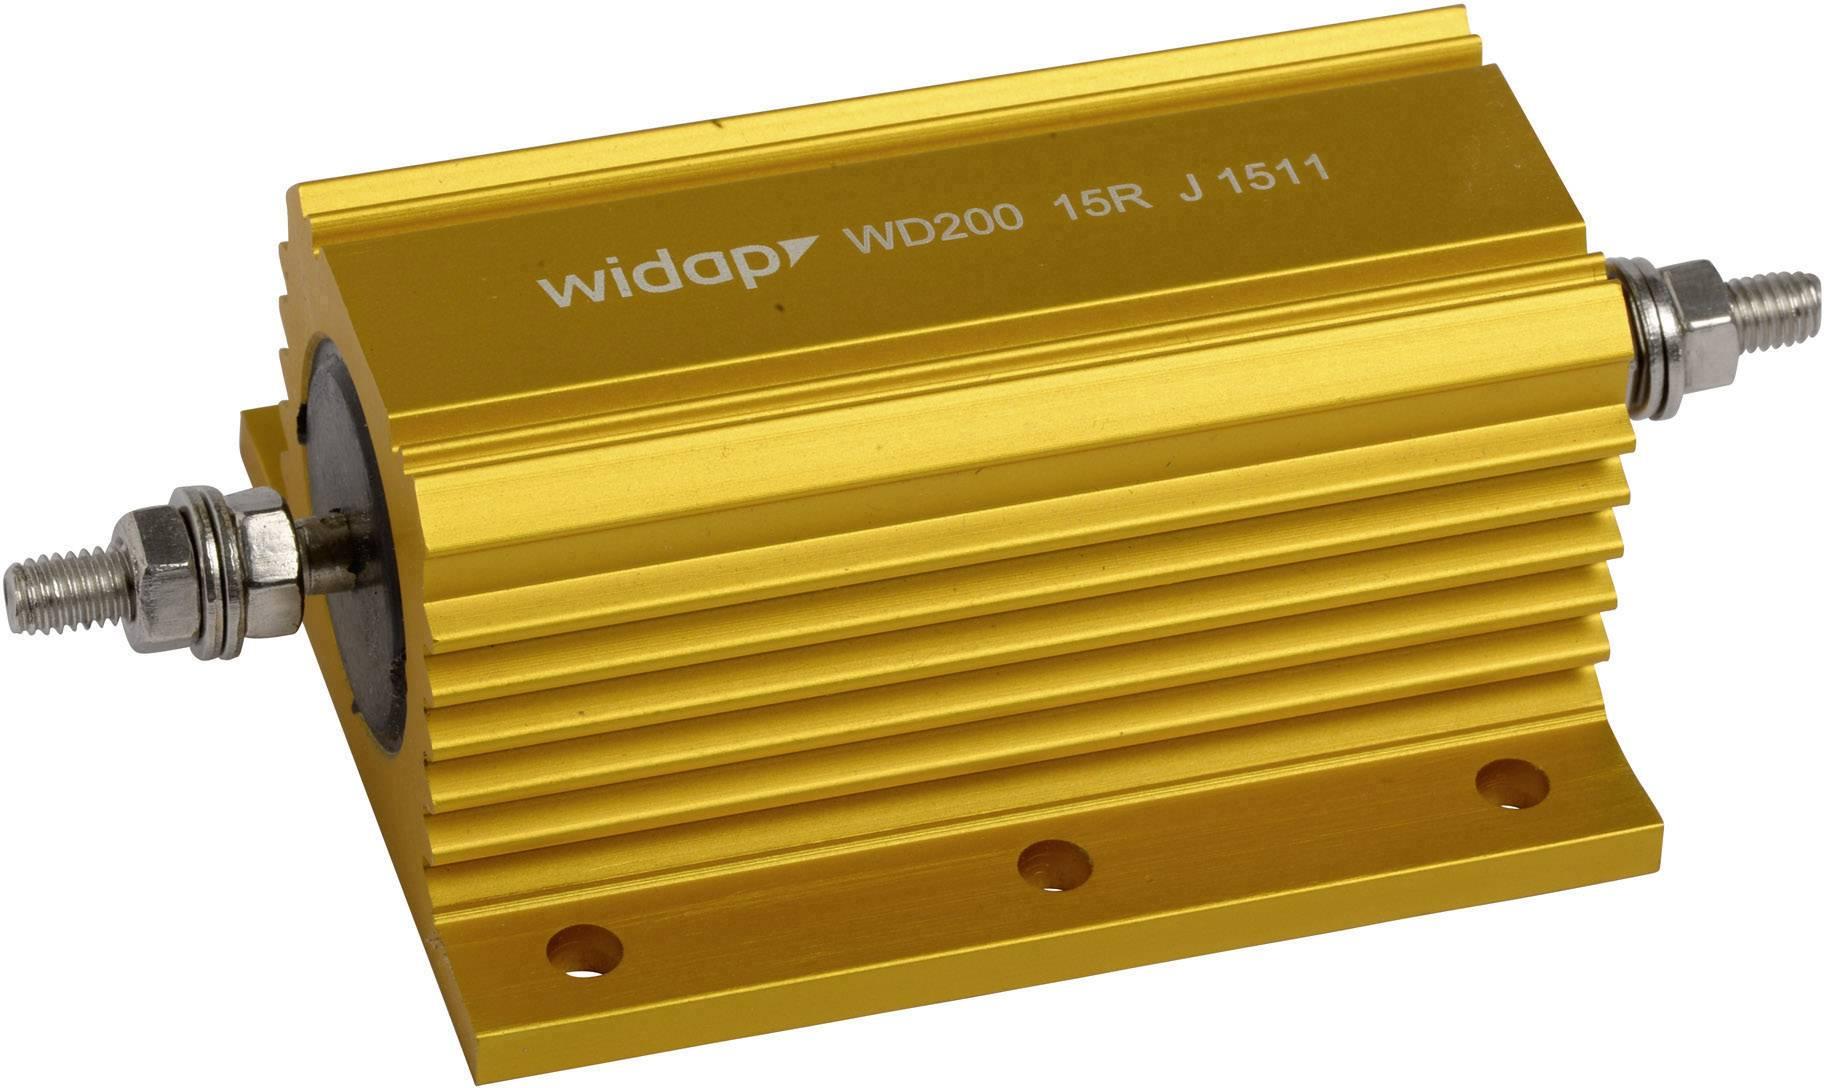 Drátový rezistor Widap 160148, hodnota odporu 4.7 Ohm, v pouzdře, 200 W, 1 ks